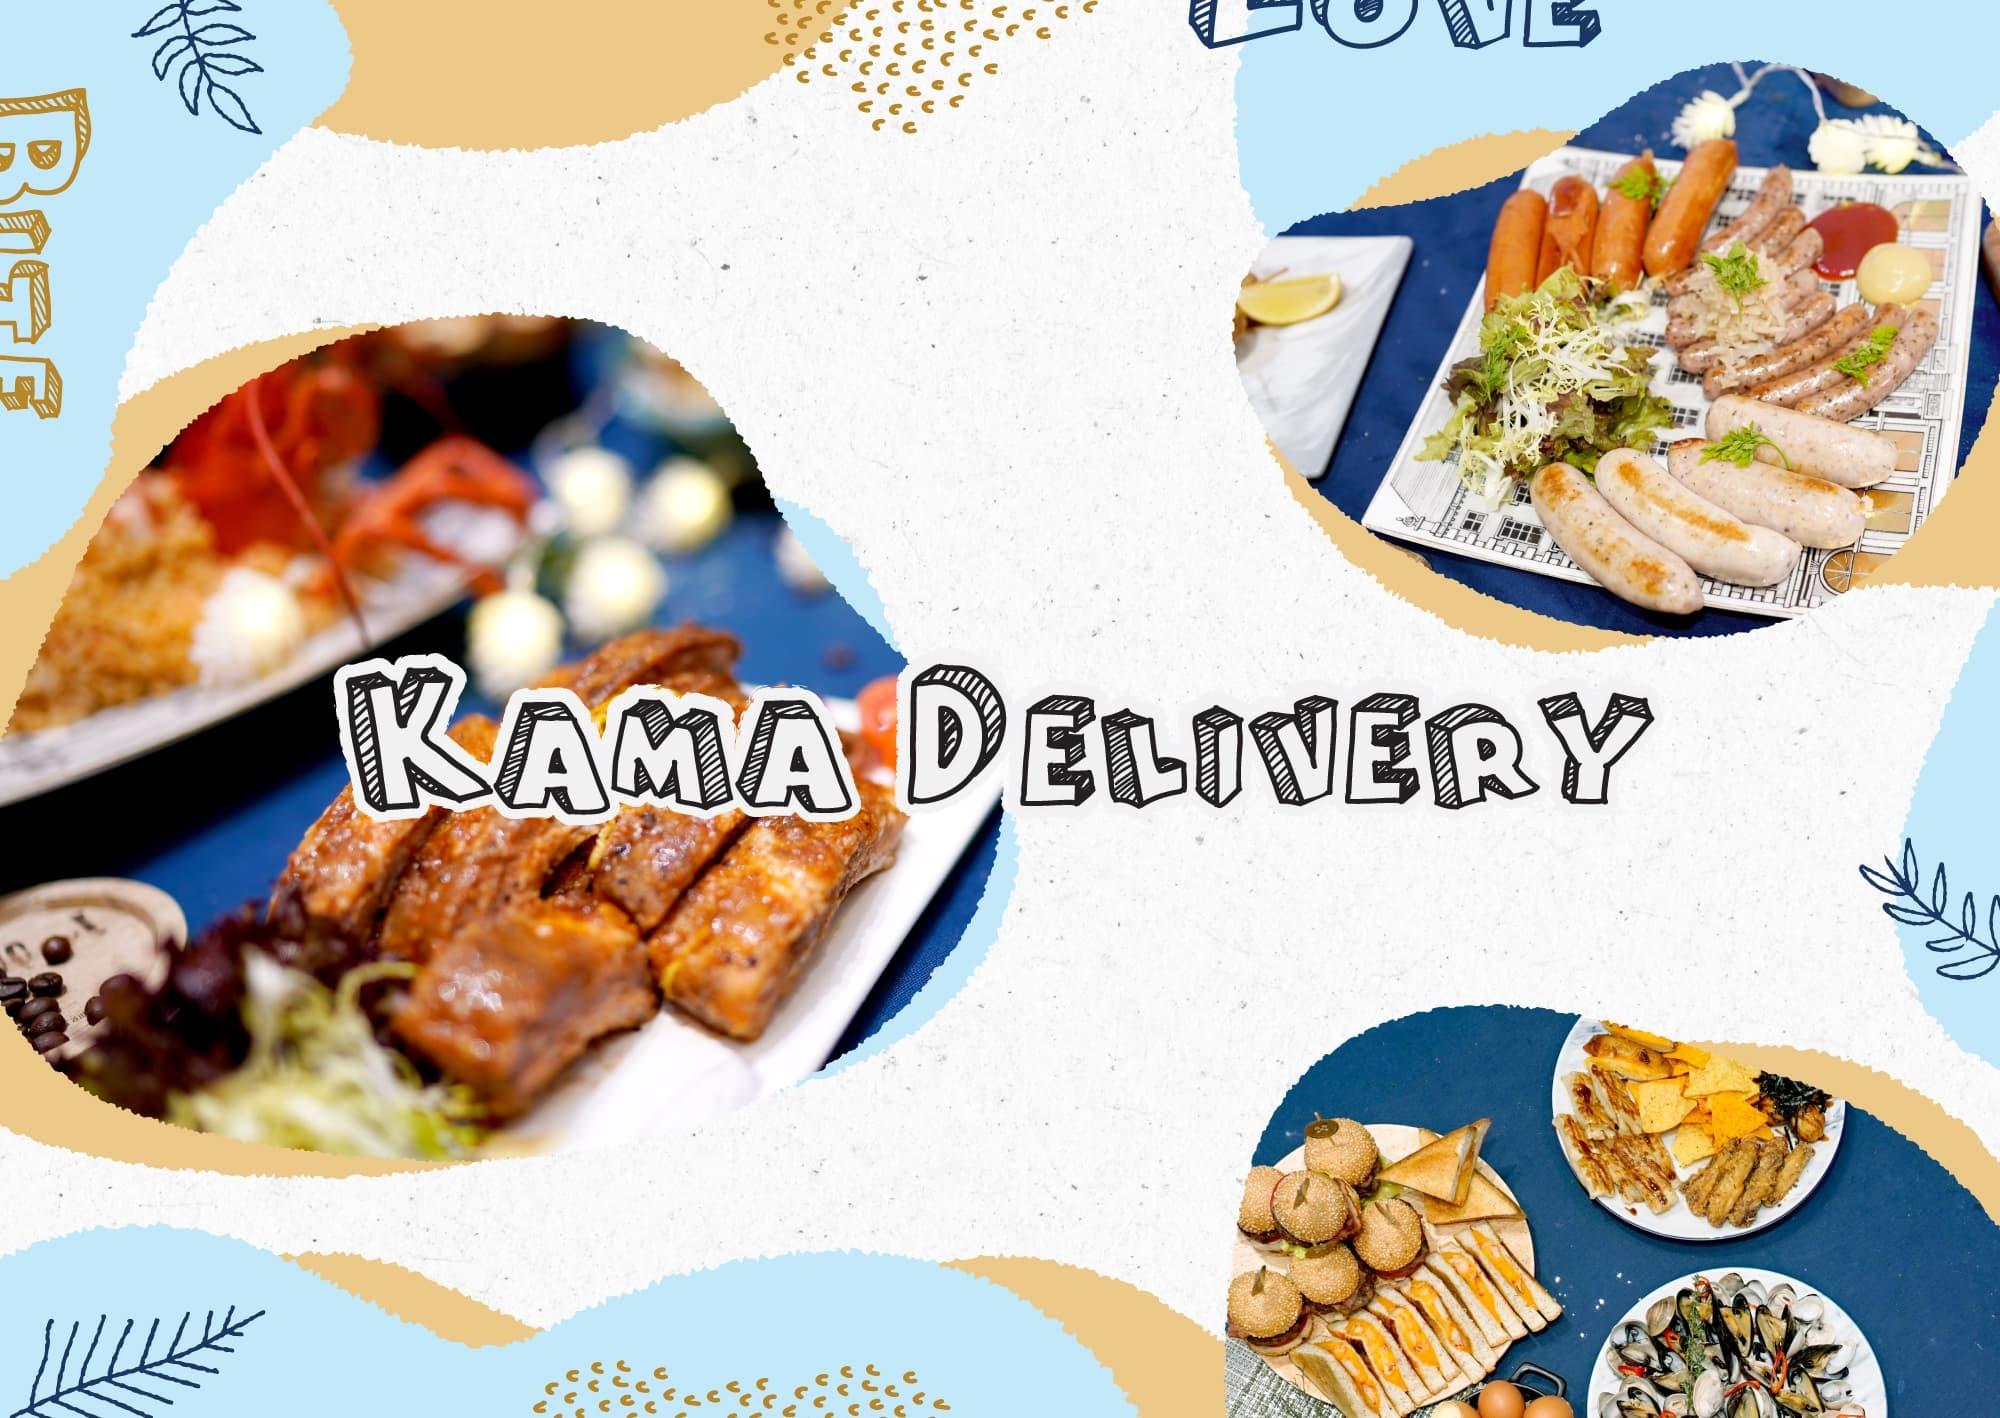 鶴園到會外賣訂購|Kama Delivery外送美食速遞服務|享有免費送貨服務|過百款美食任君選擇